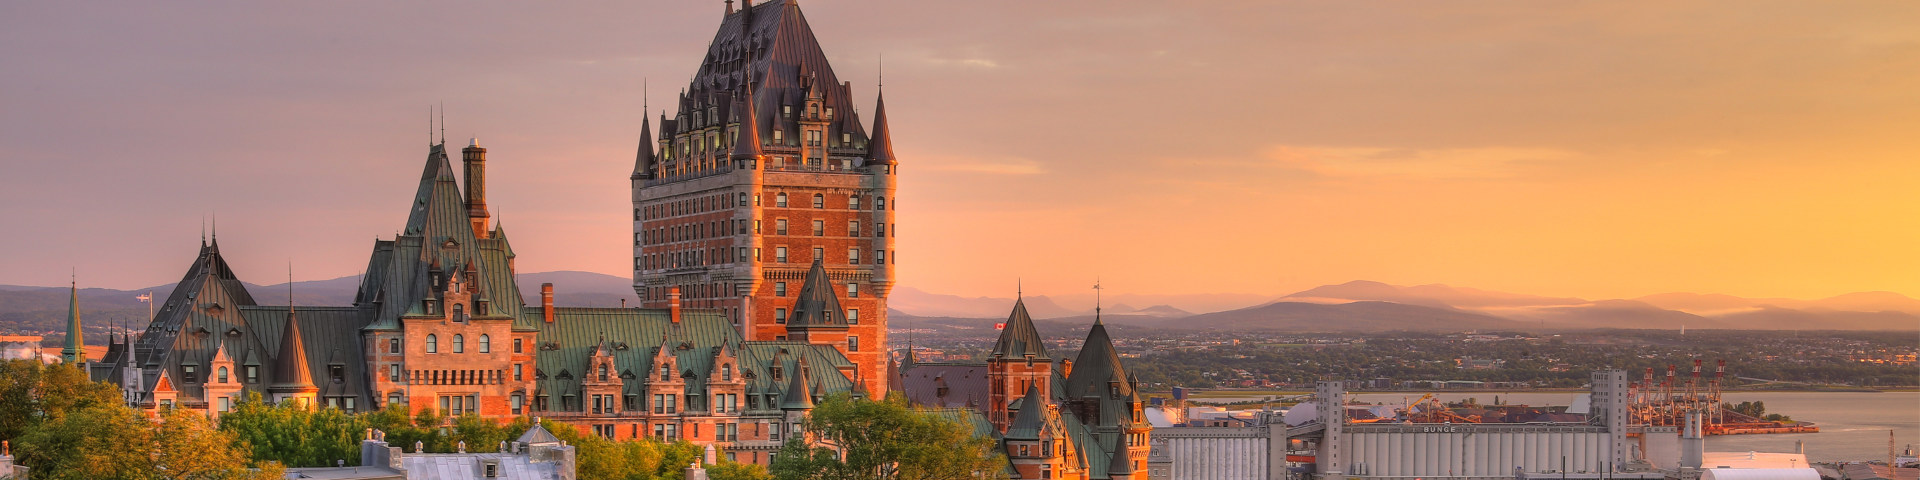 Quebec city hero